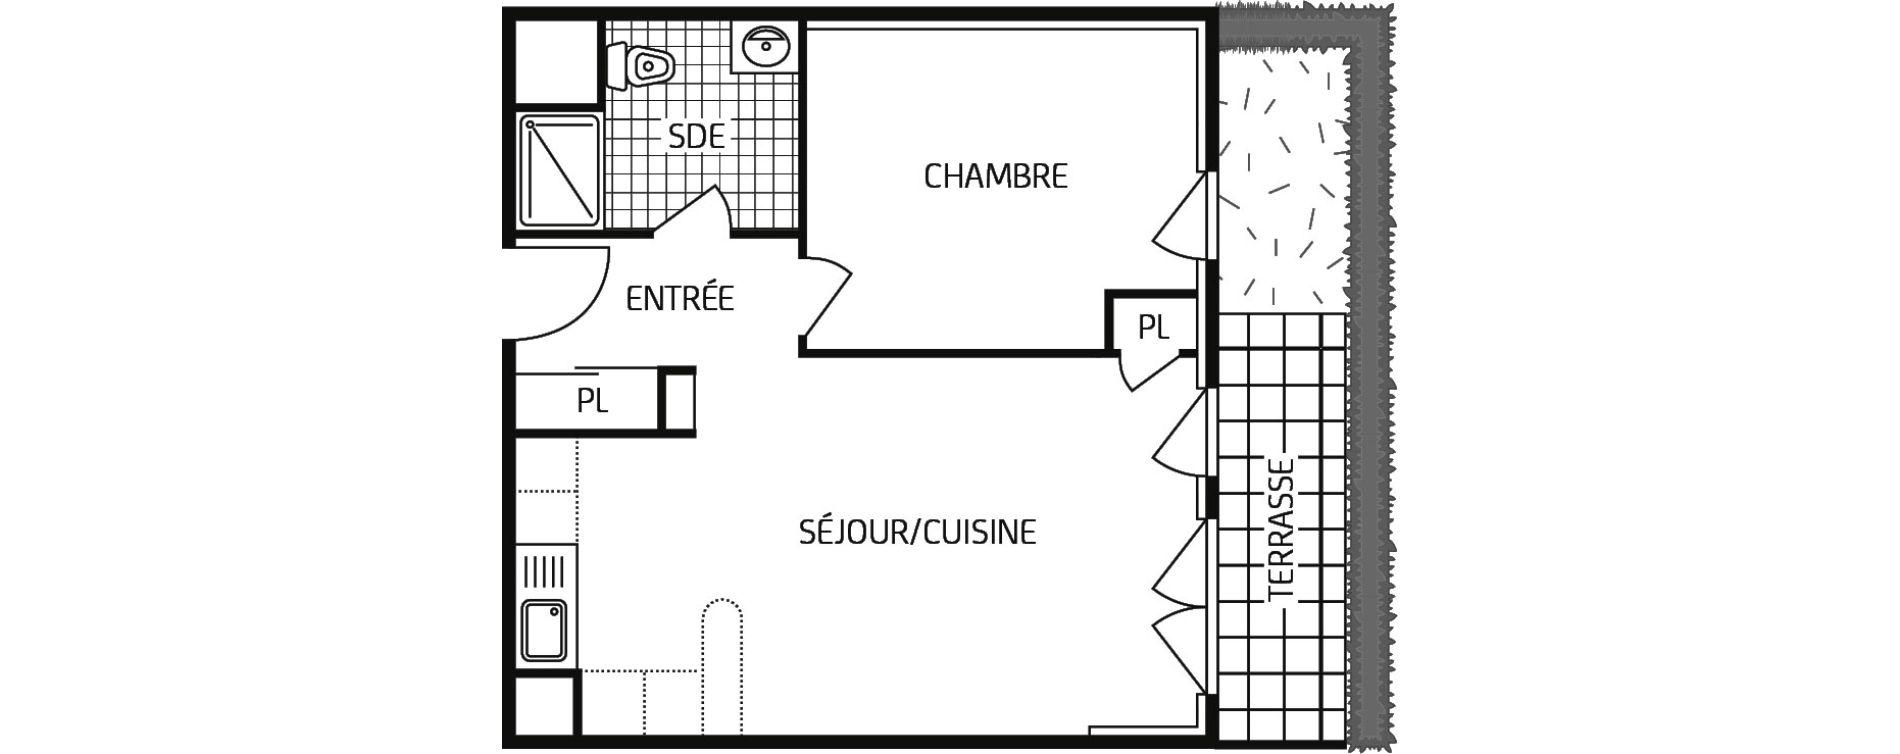 Appartement T2 de 44,51 m2 à Grand-Couronne Centre